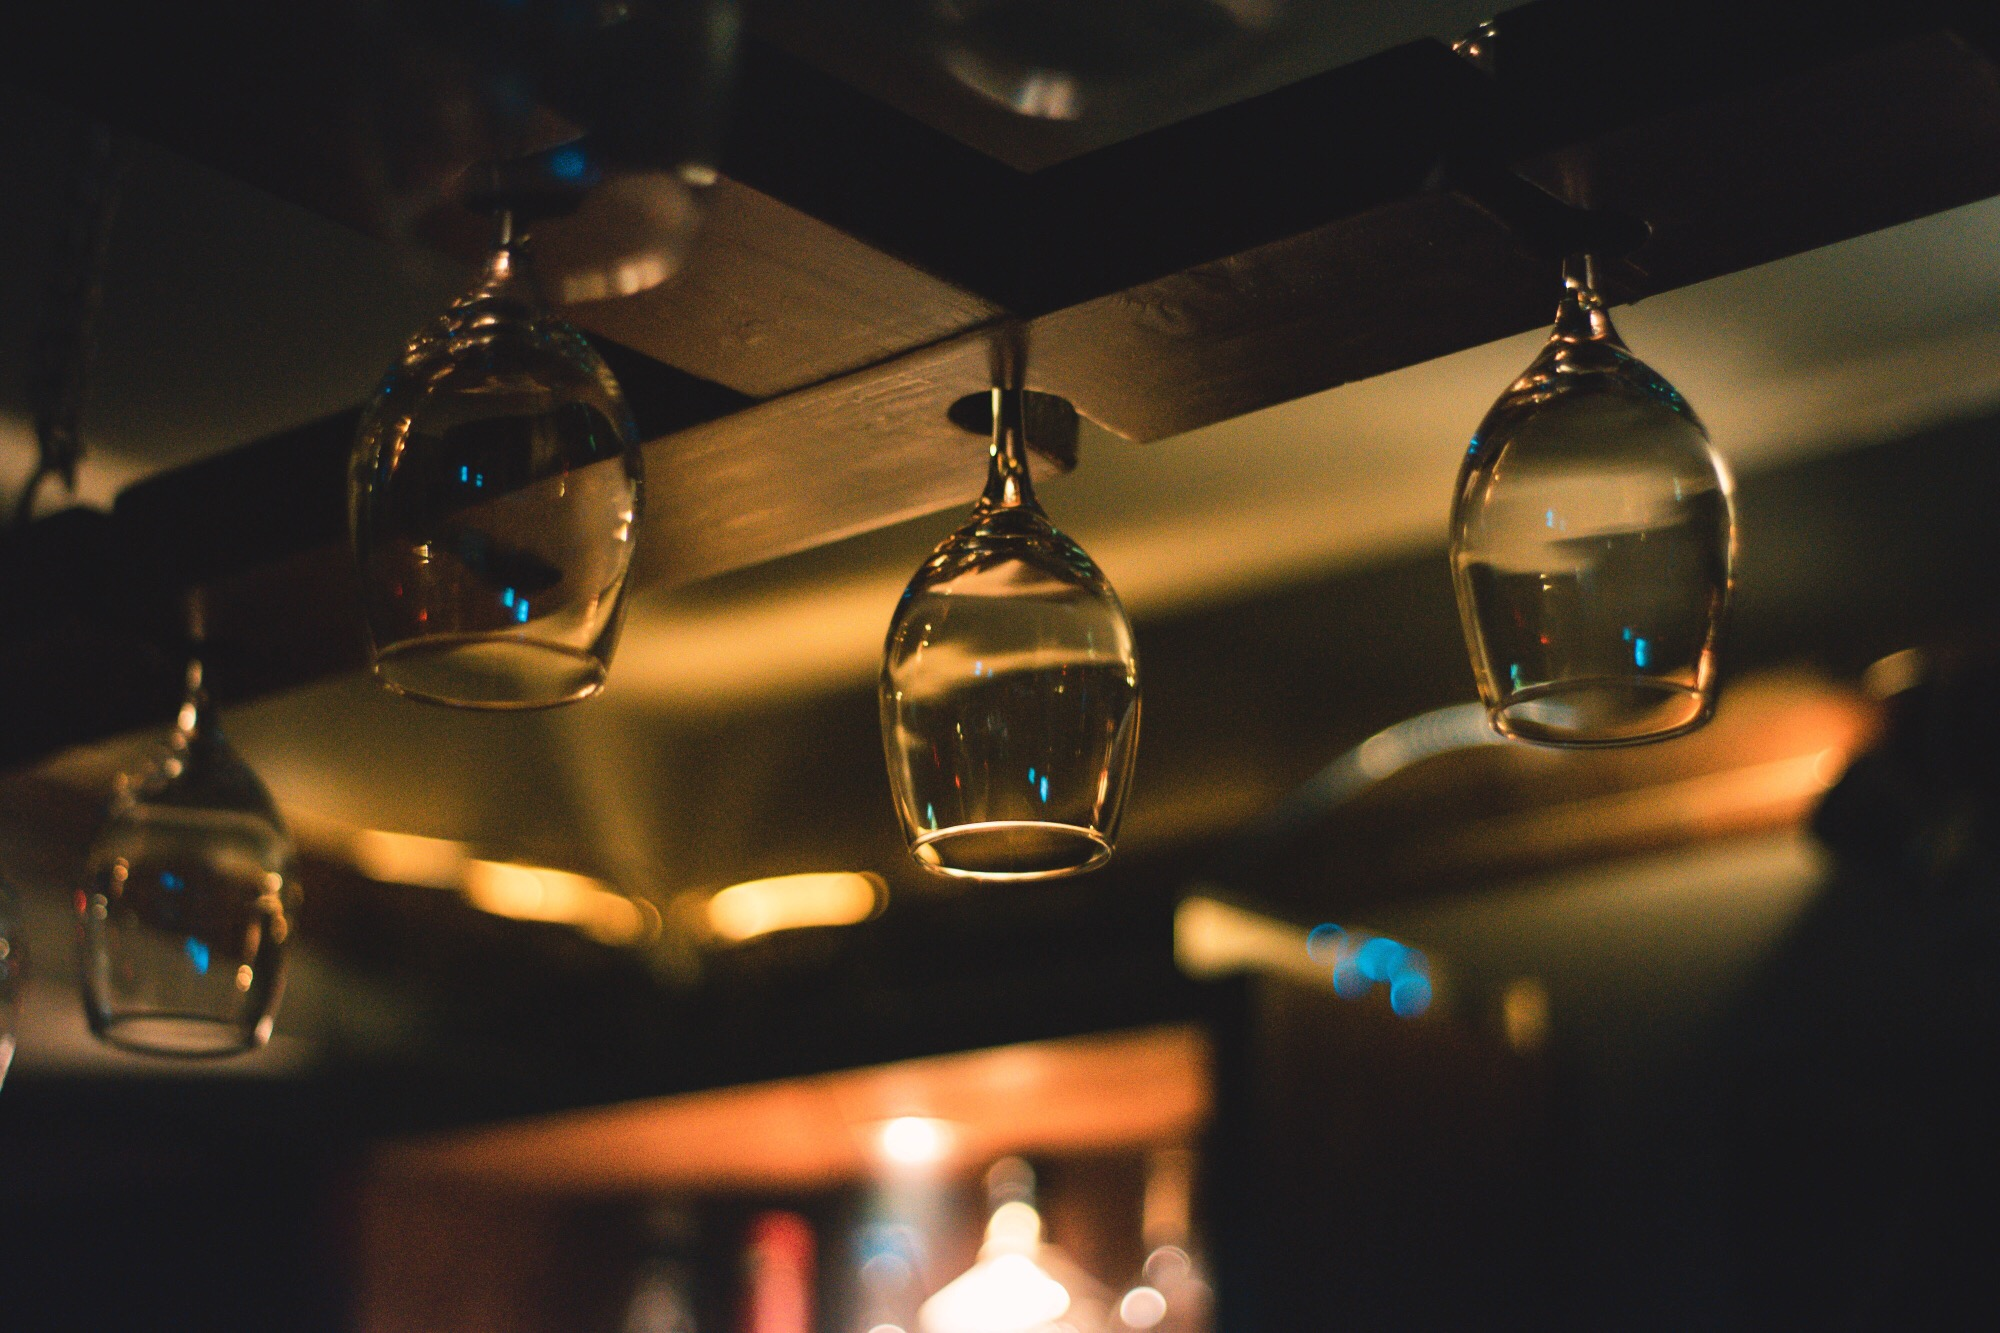 bryggerikaia_vinglass henger fra taket_foto